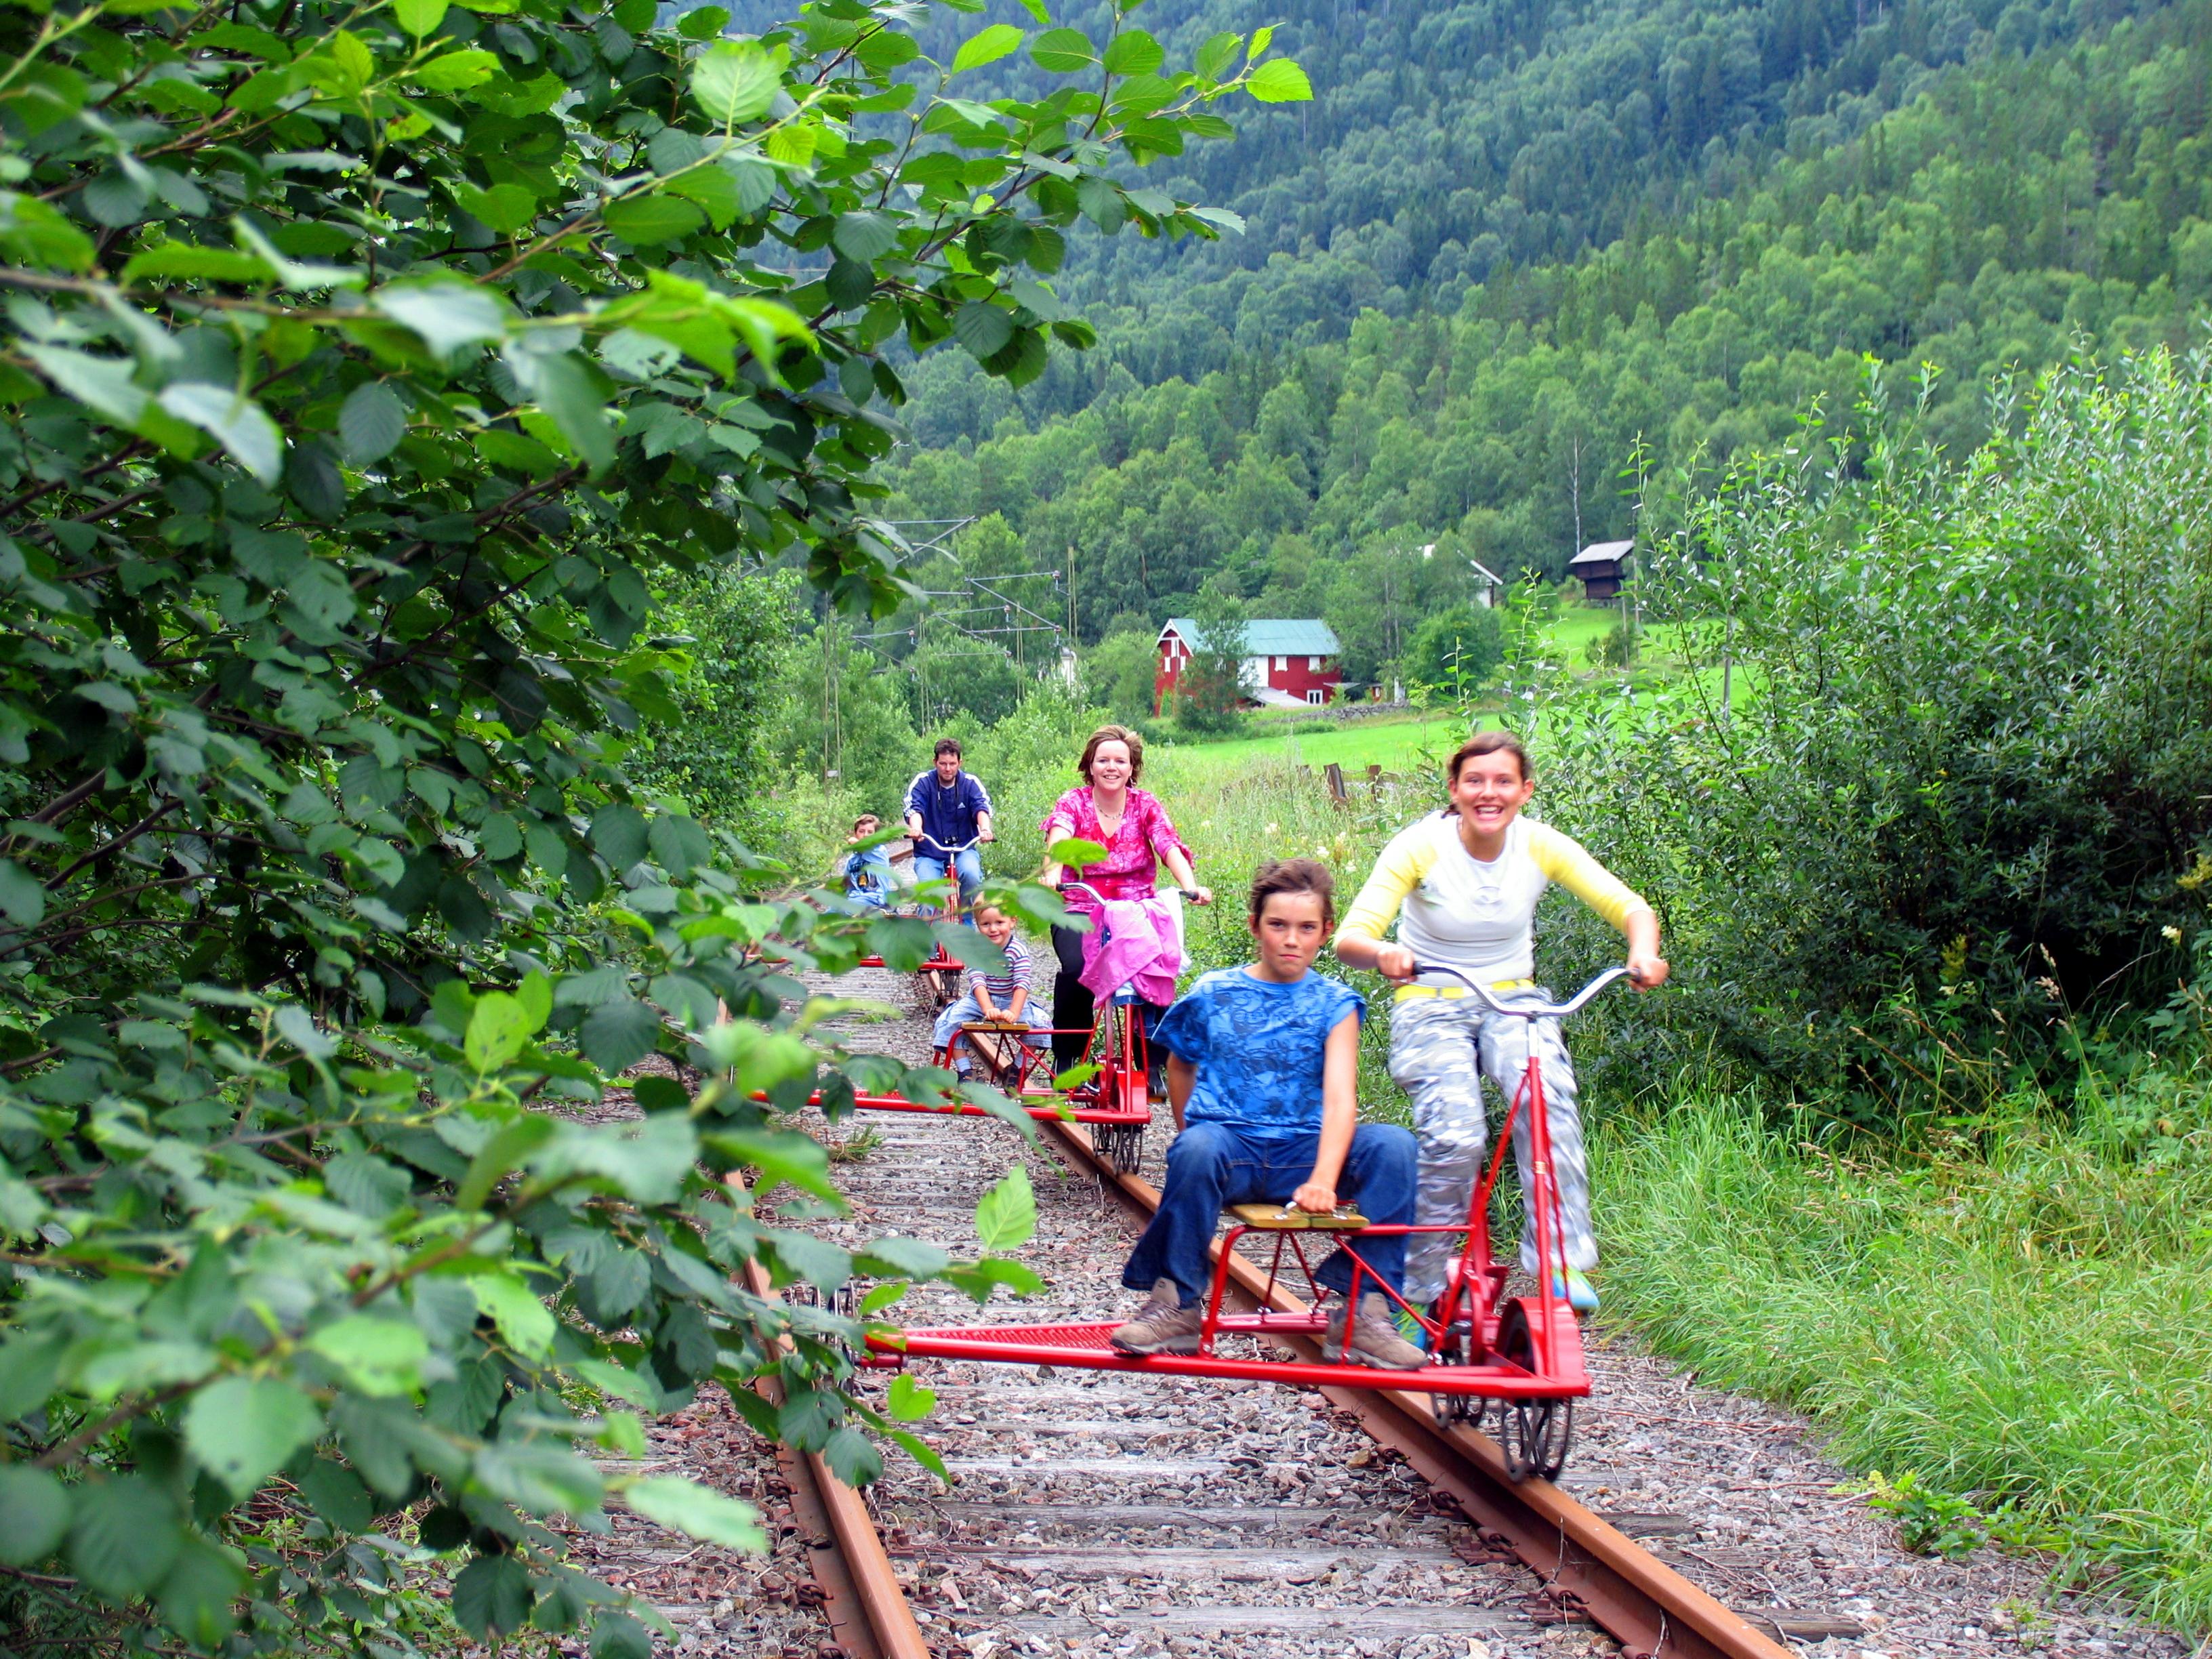 På Mæl er det muligheter for å leie dresin for korte og lange turer i vakre omgivelser. Utleie foregår ved Tinnsjø Kro ca 200 meter fra Mæl Stasjon. , © Fleger